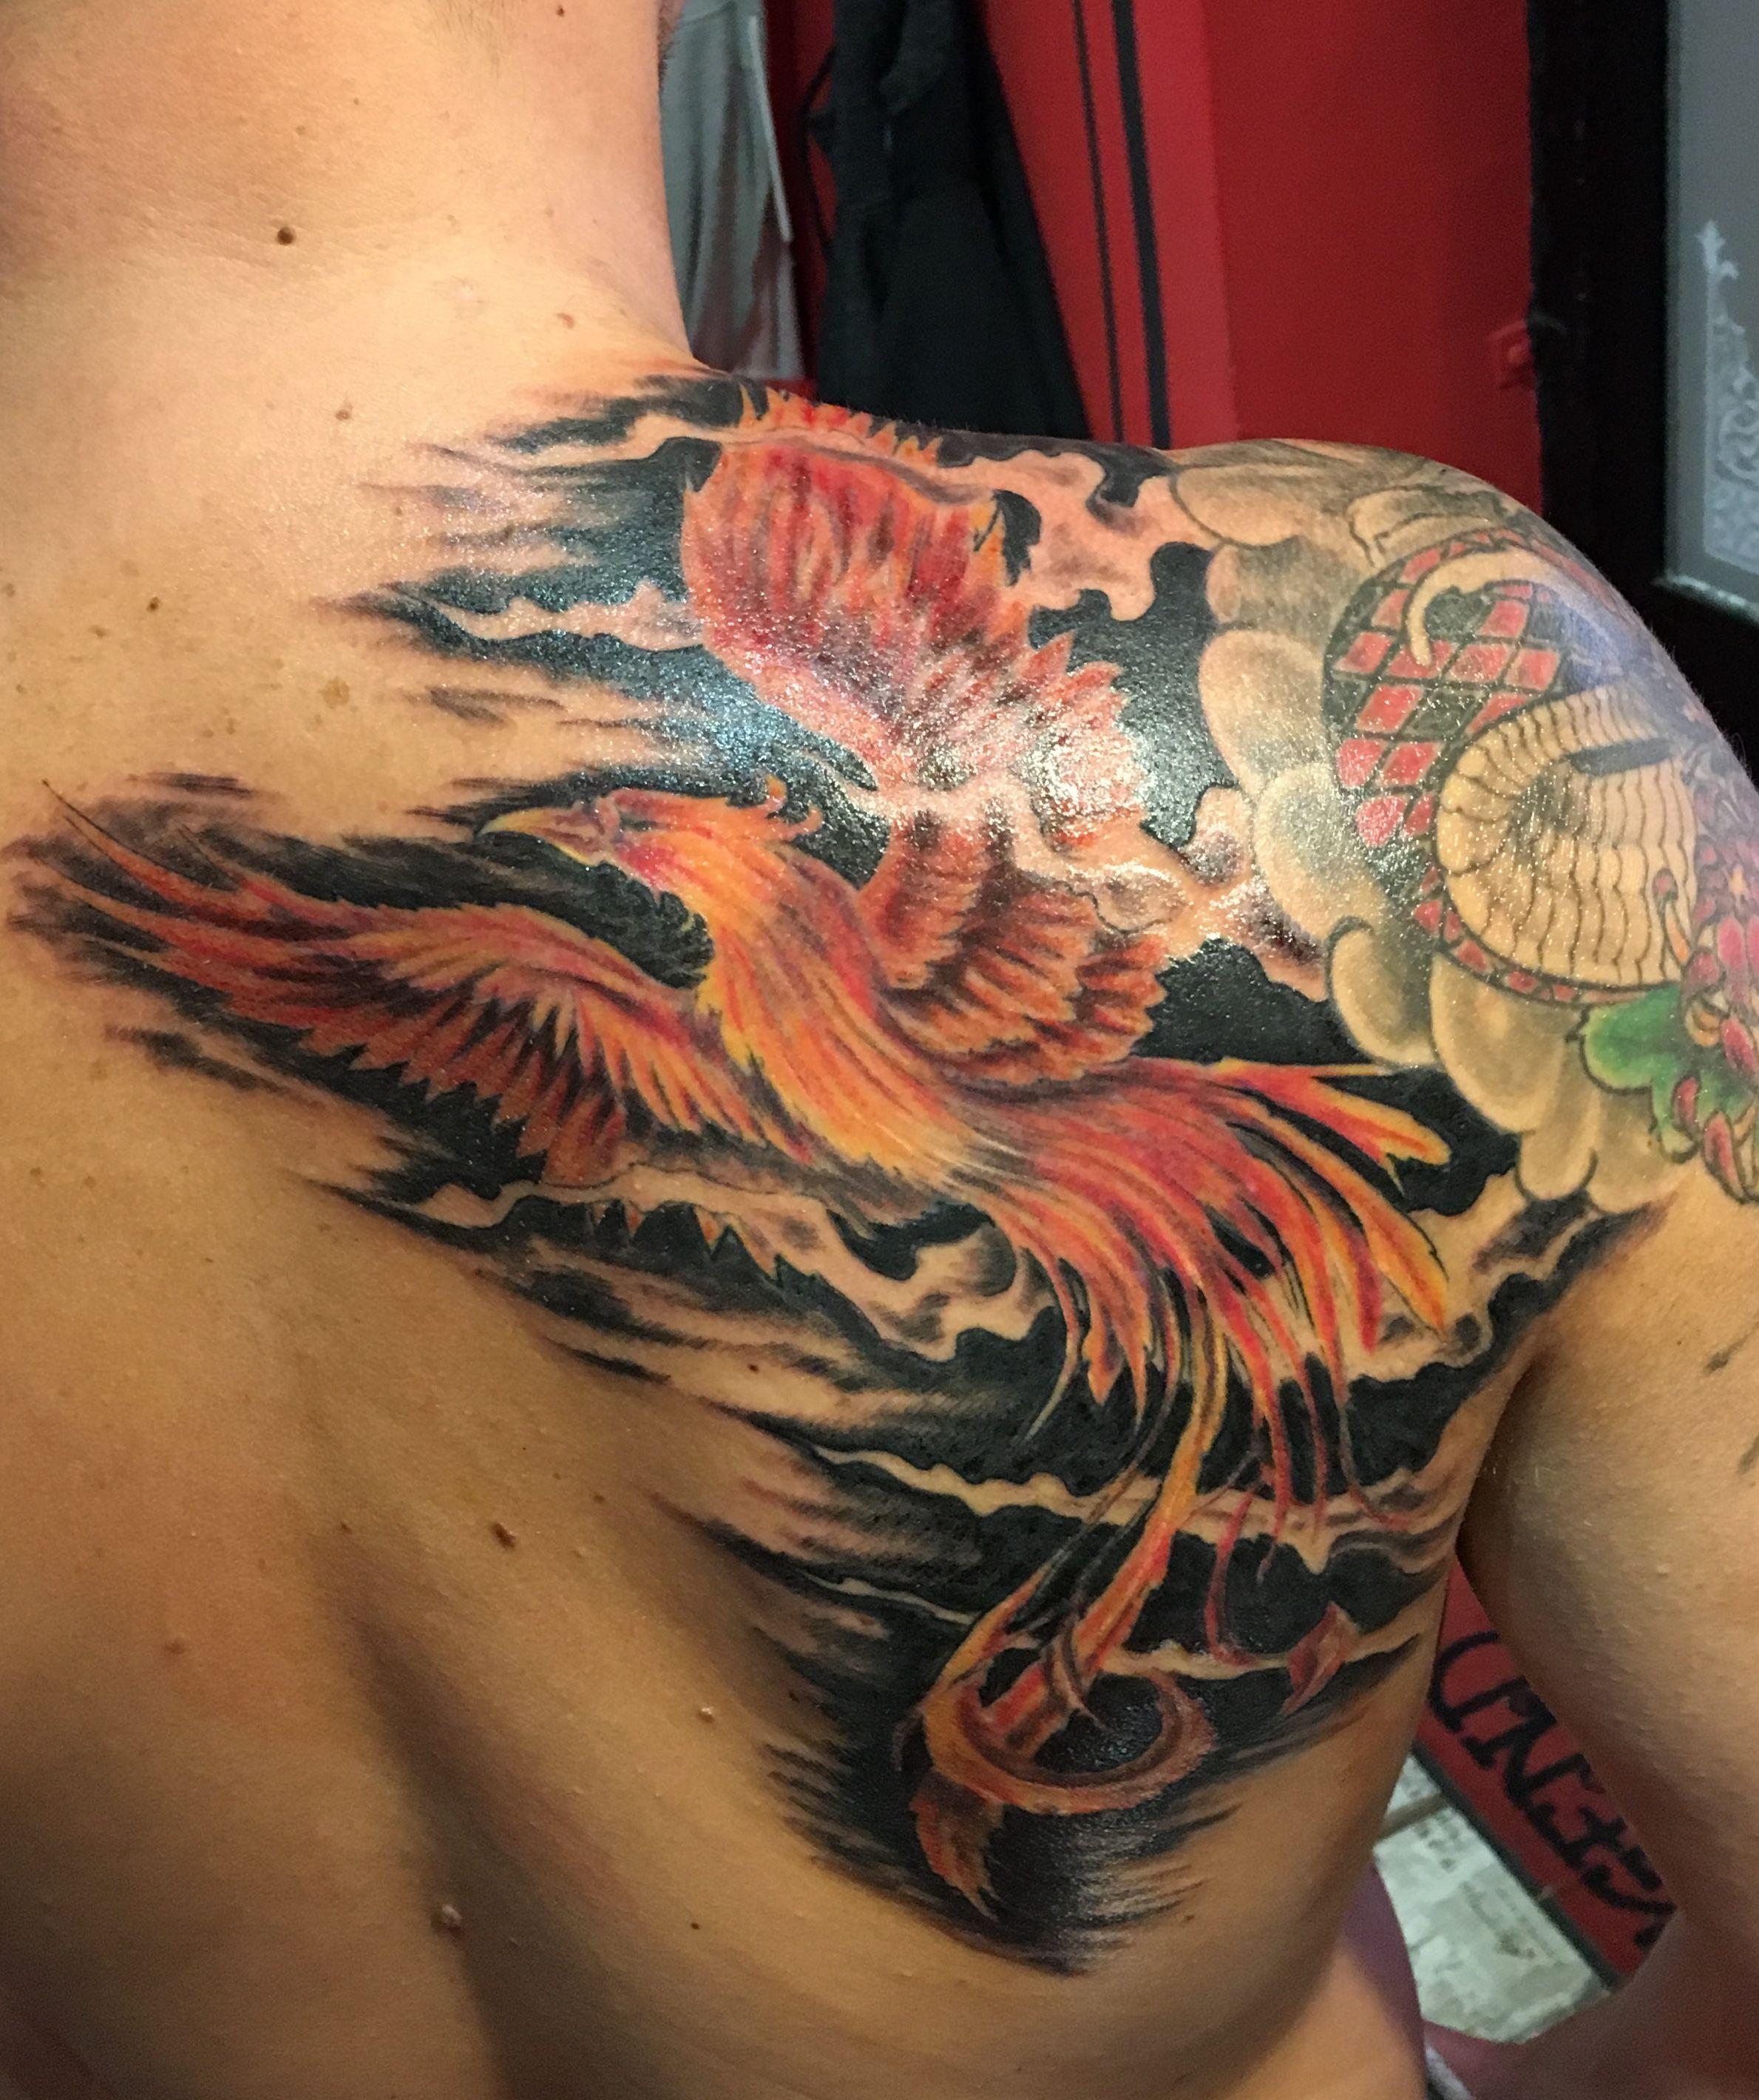 Pin by tj s on tattoos pinterest tattoo tatoos and d tattoos